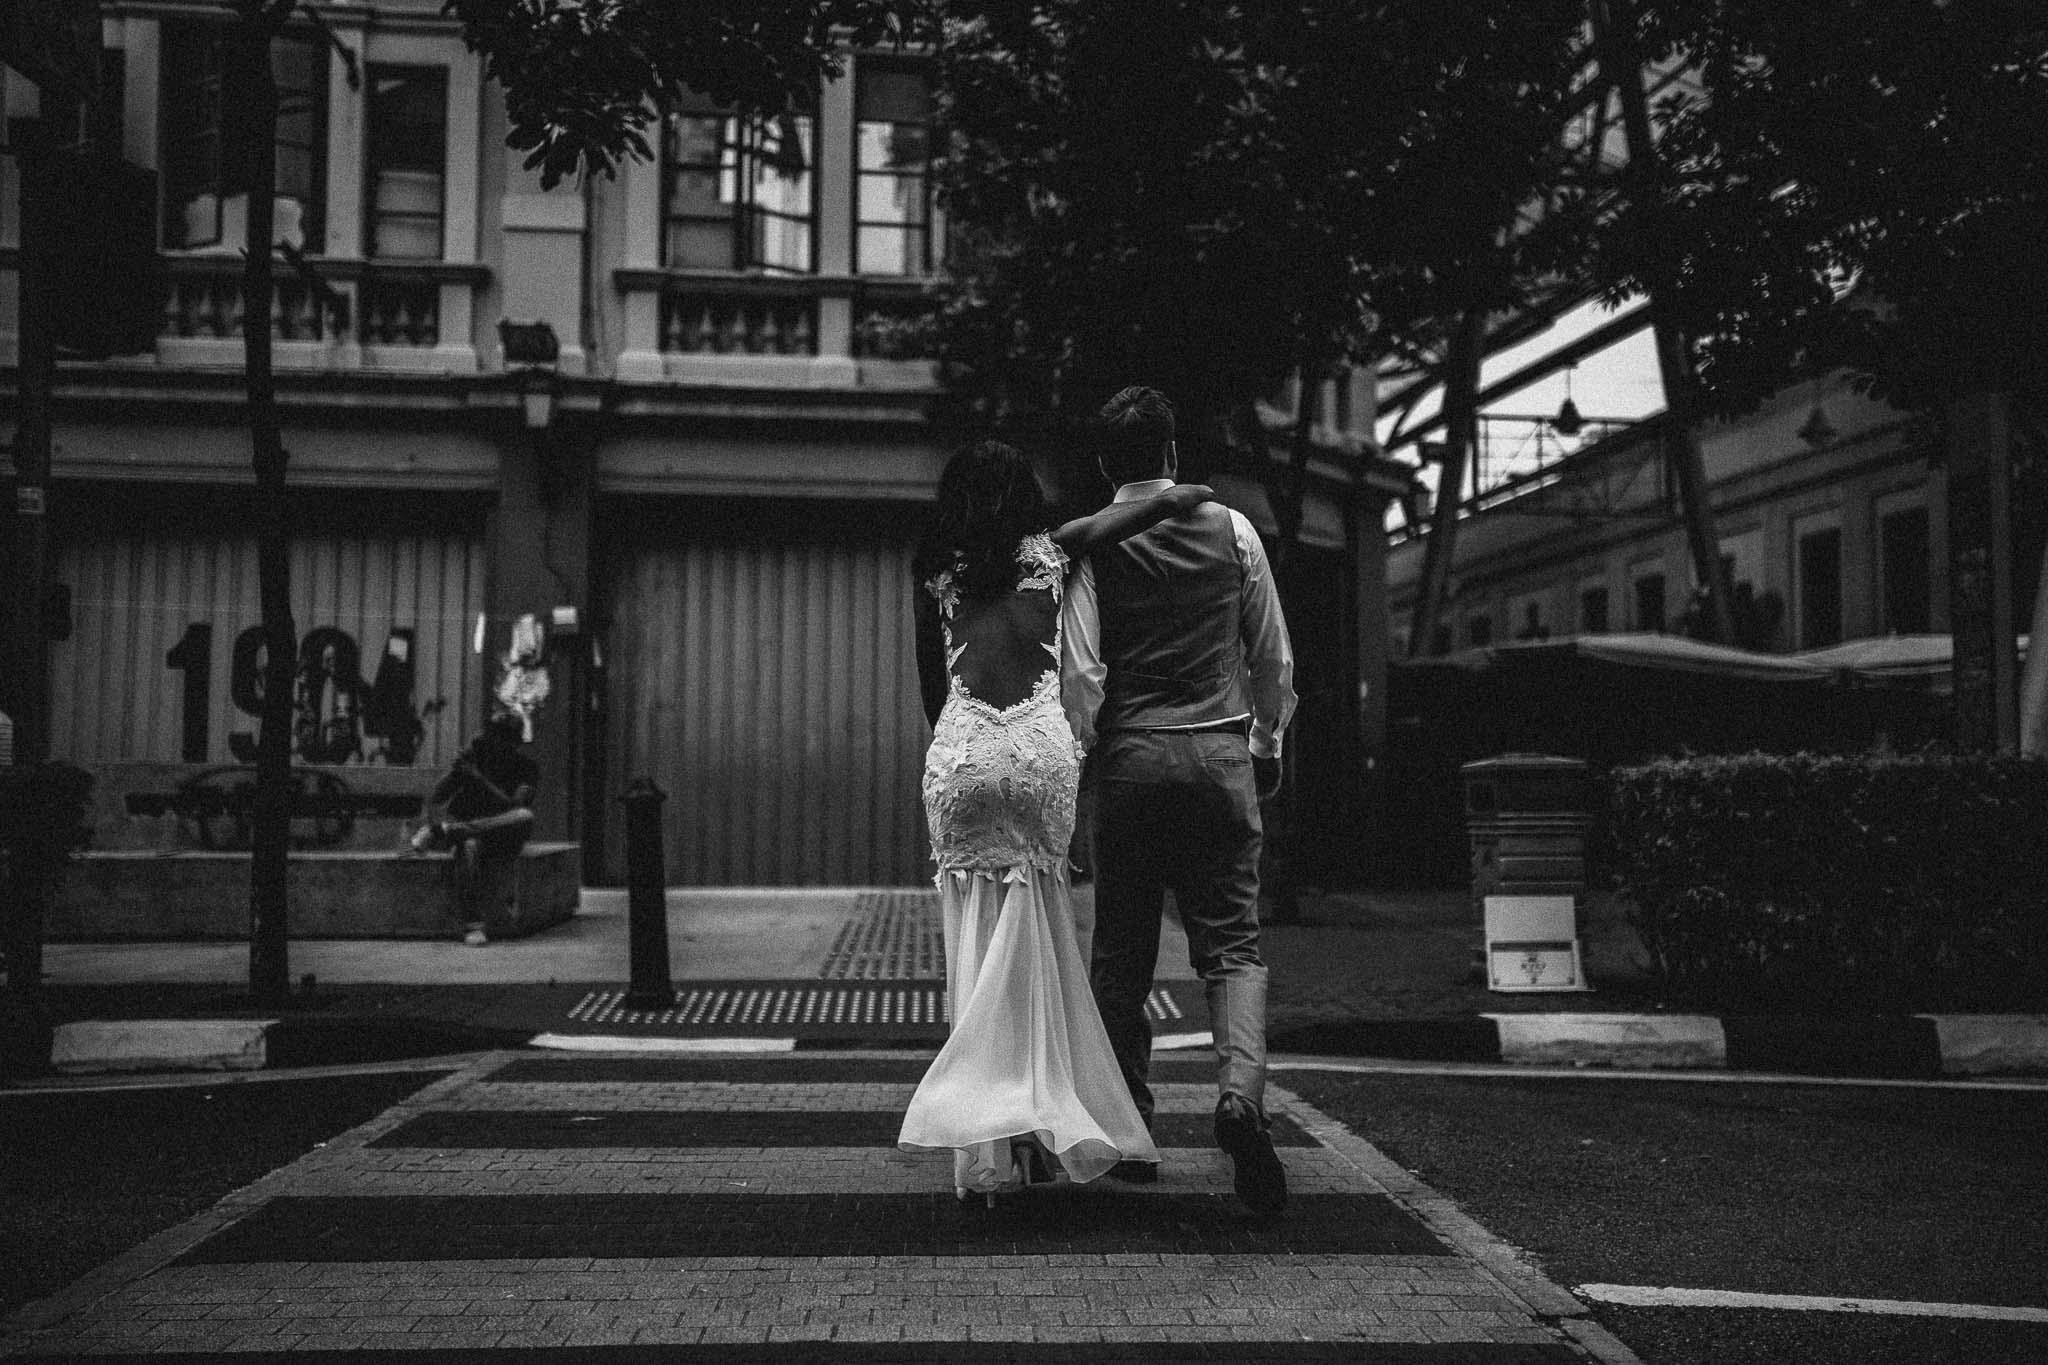 u&m-weddingsbyqay-lovesession-destinationweddingphotographer (110 of 160).jpg